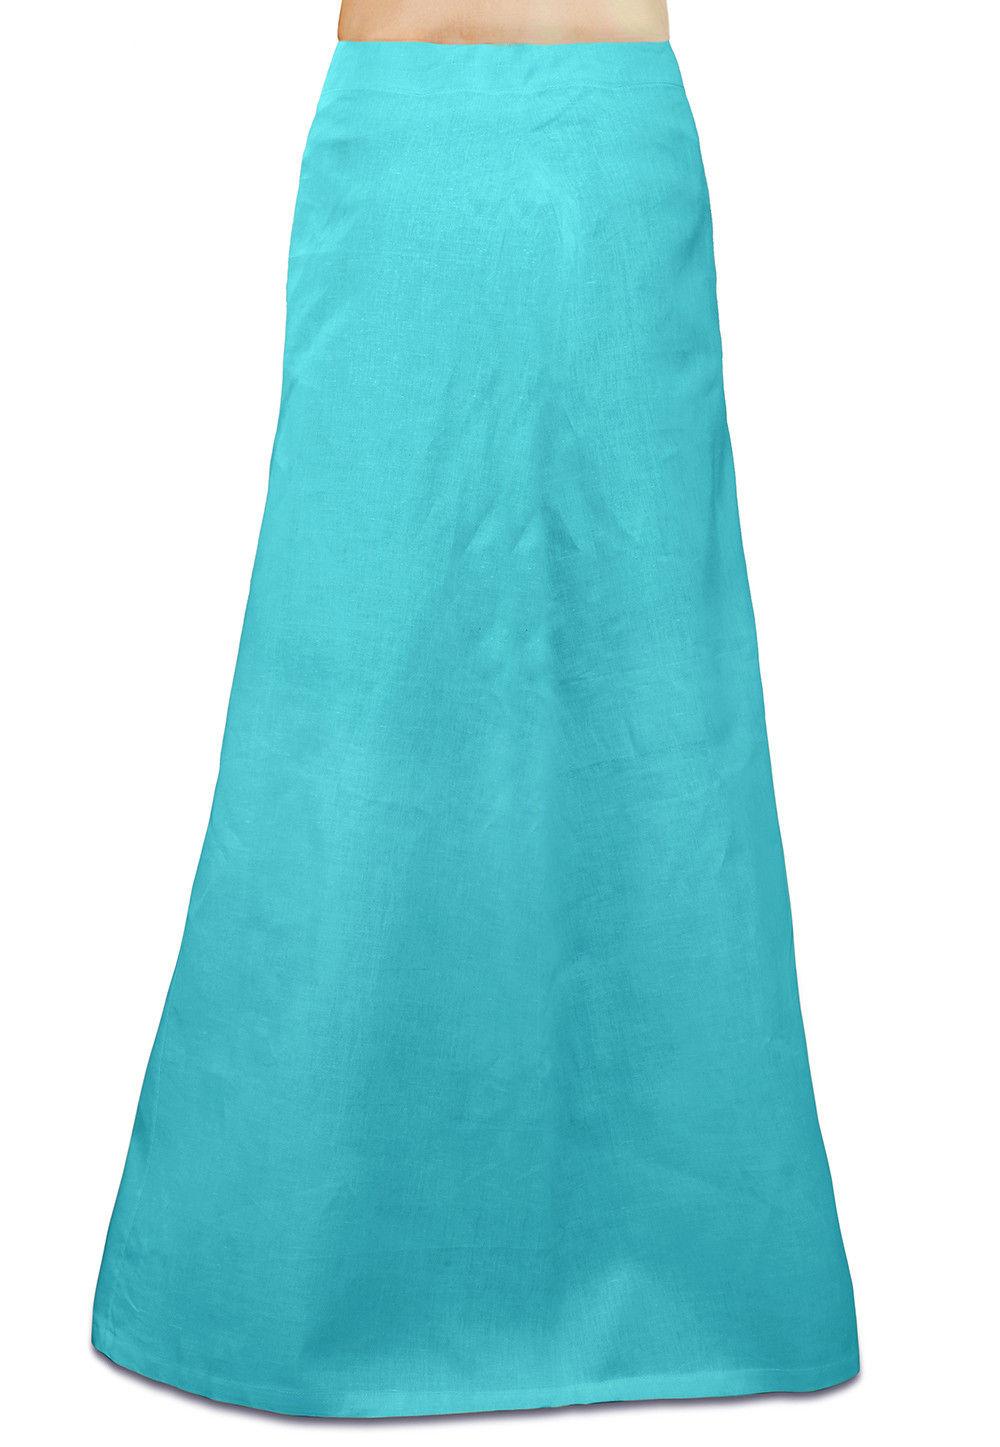 Cotton Petticoat in Sky Blue